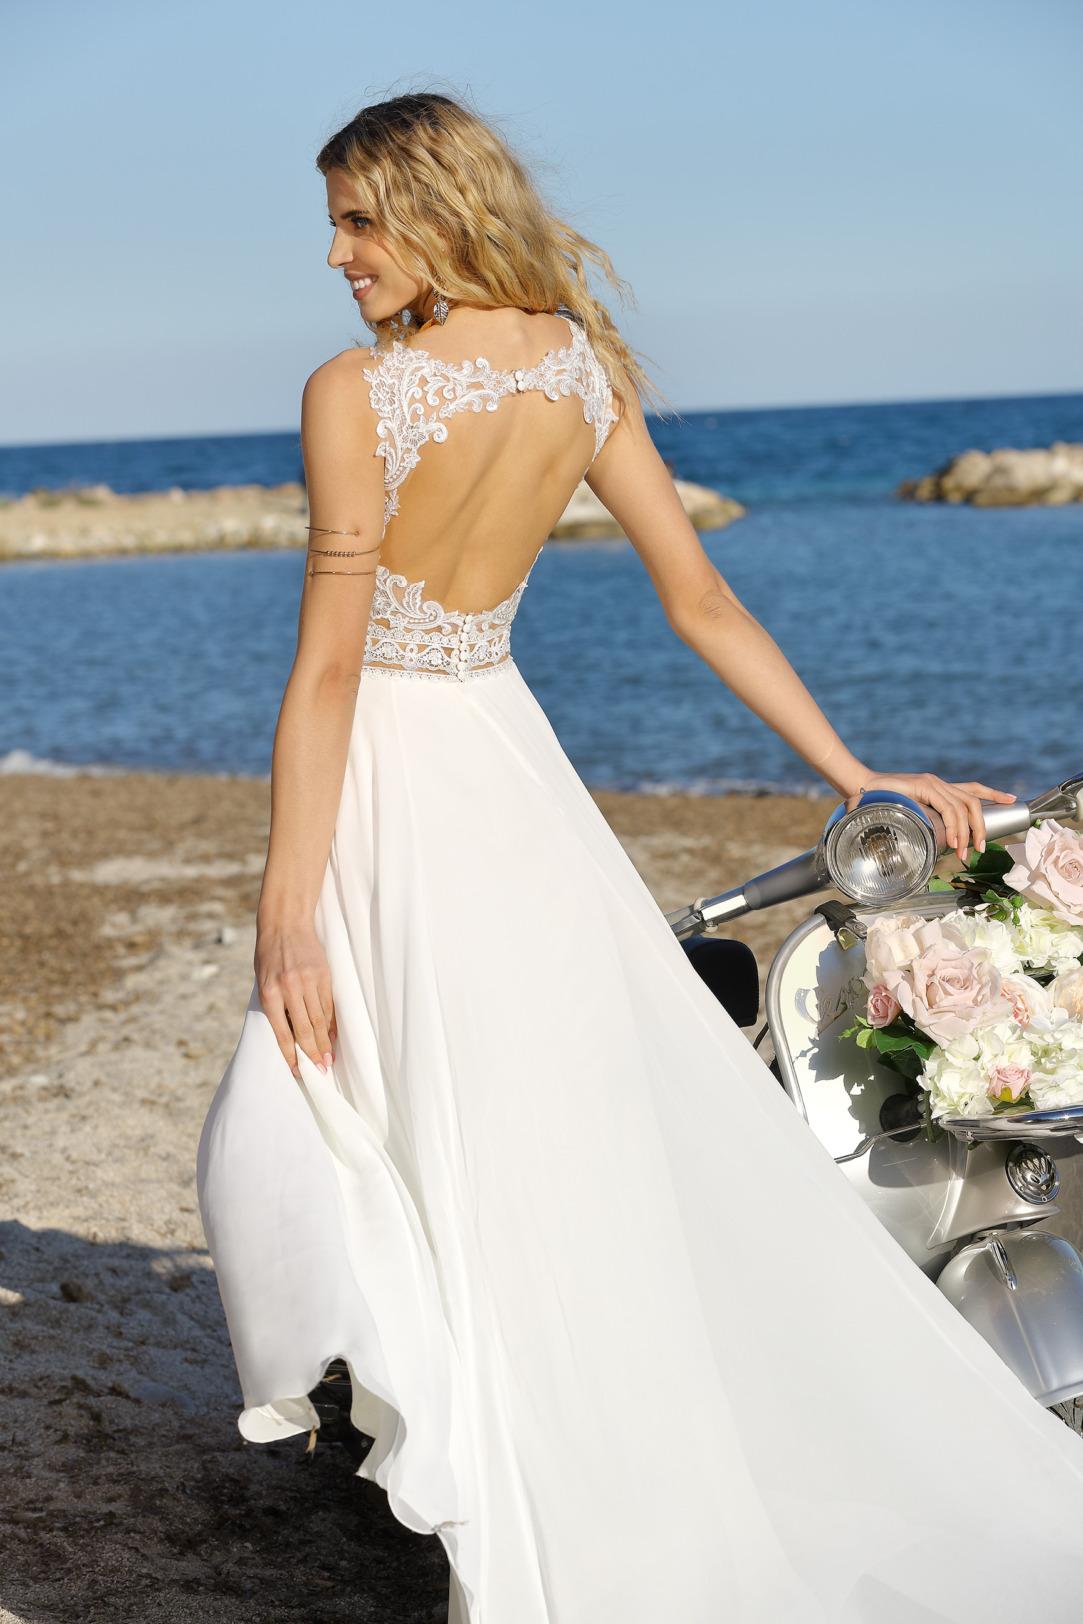 Empire Brautkleid rückenfrei. Hochzeitskleid im Vintage Boho Stil von Ladybird Modell 321019 mit V-Ausschnitt und Spitzen Trägern leicht transparenter Taillengürtel und rundem Rückenausschnitt